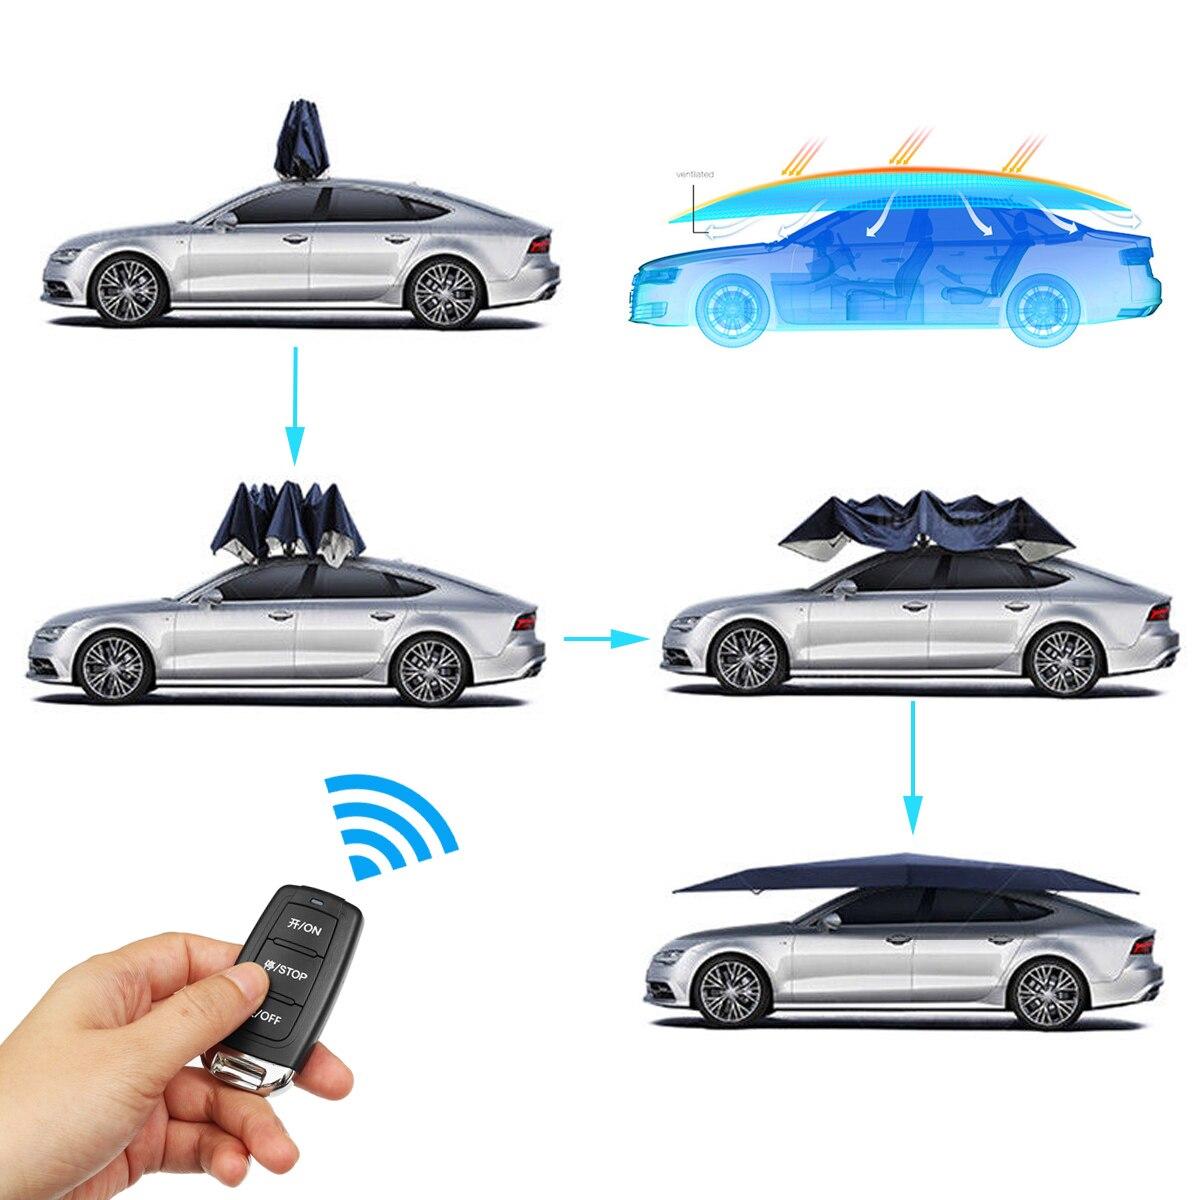 Portatile Automatico Pieno Auto Ombrello di Copertura Tenda Parcheggio Esterno Ombrello di Copertura del Tetto UV Kit di Protezione Tenda Da Sole con Telecomando di Controllo